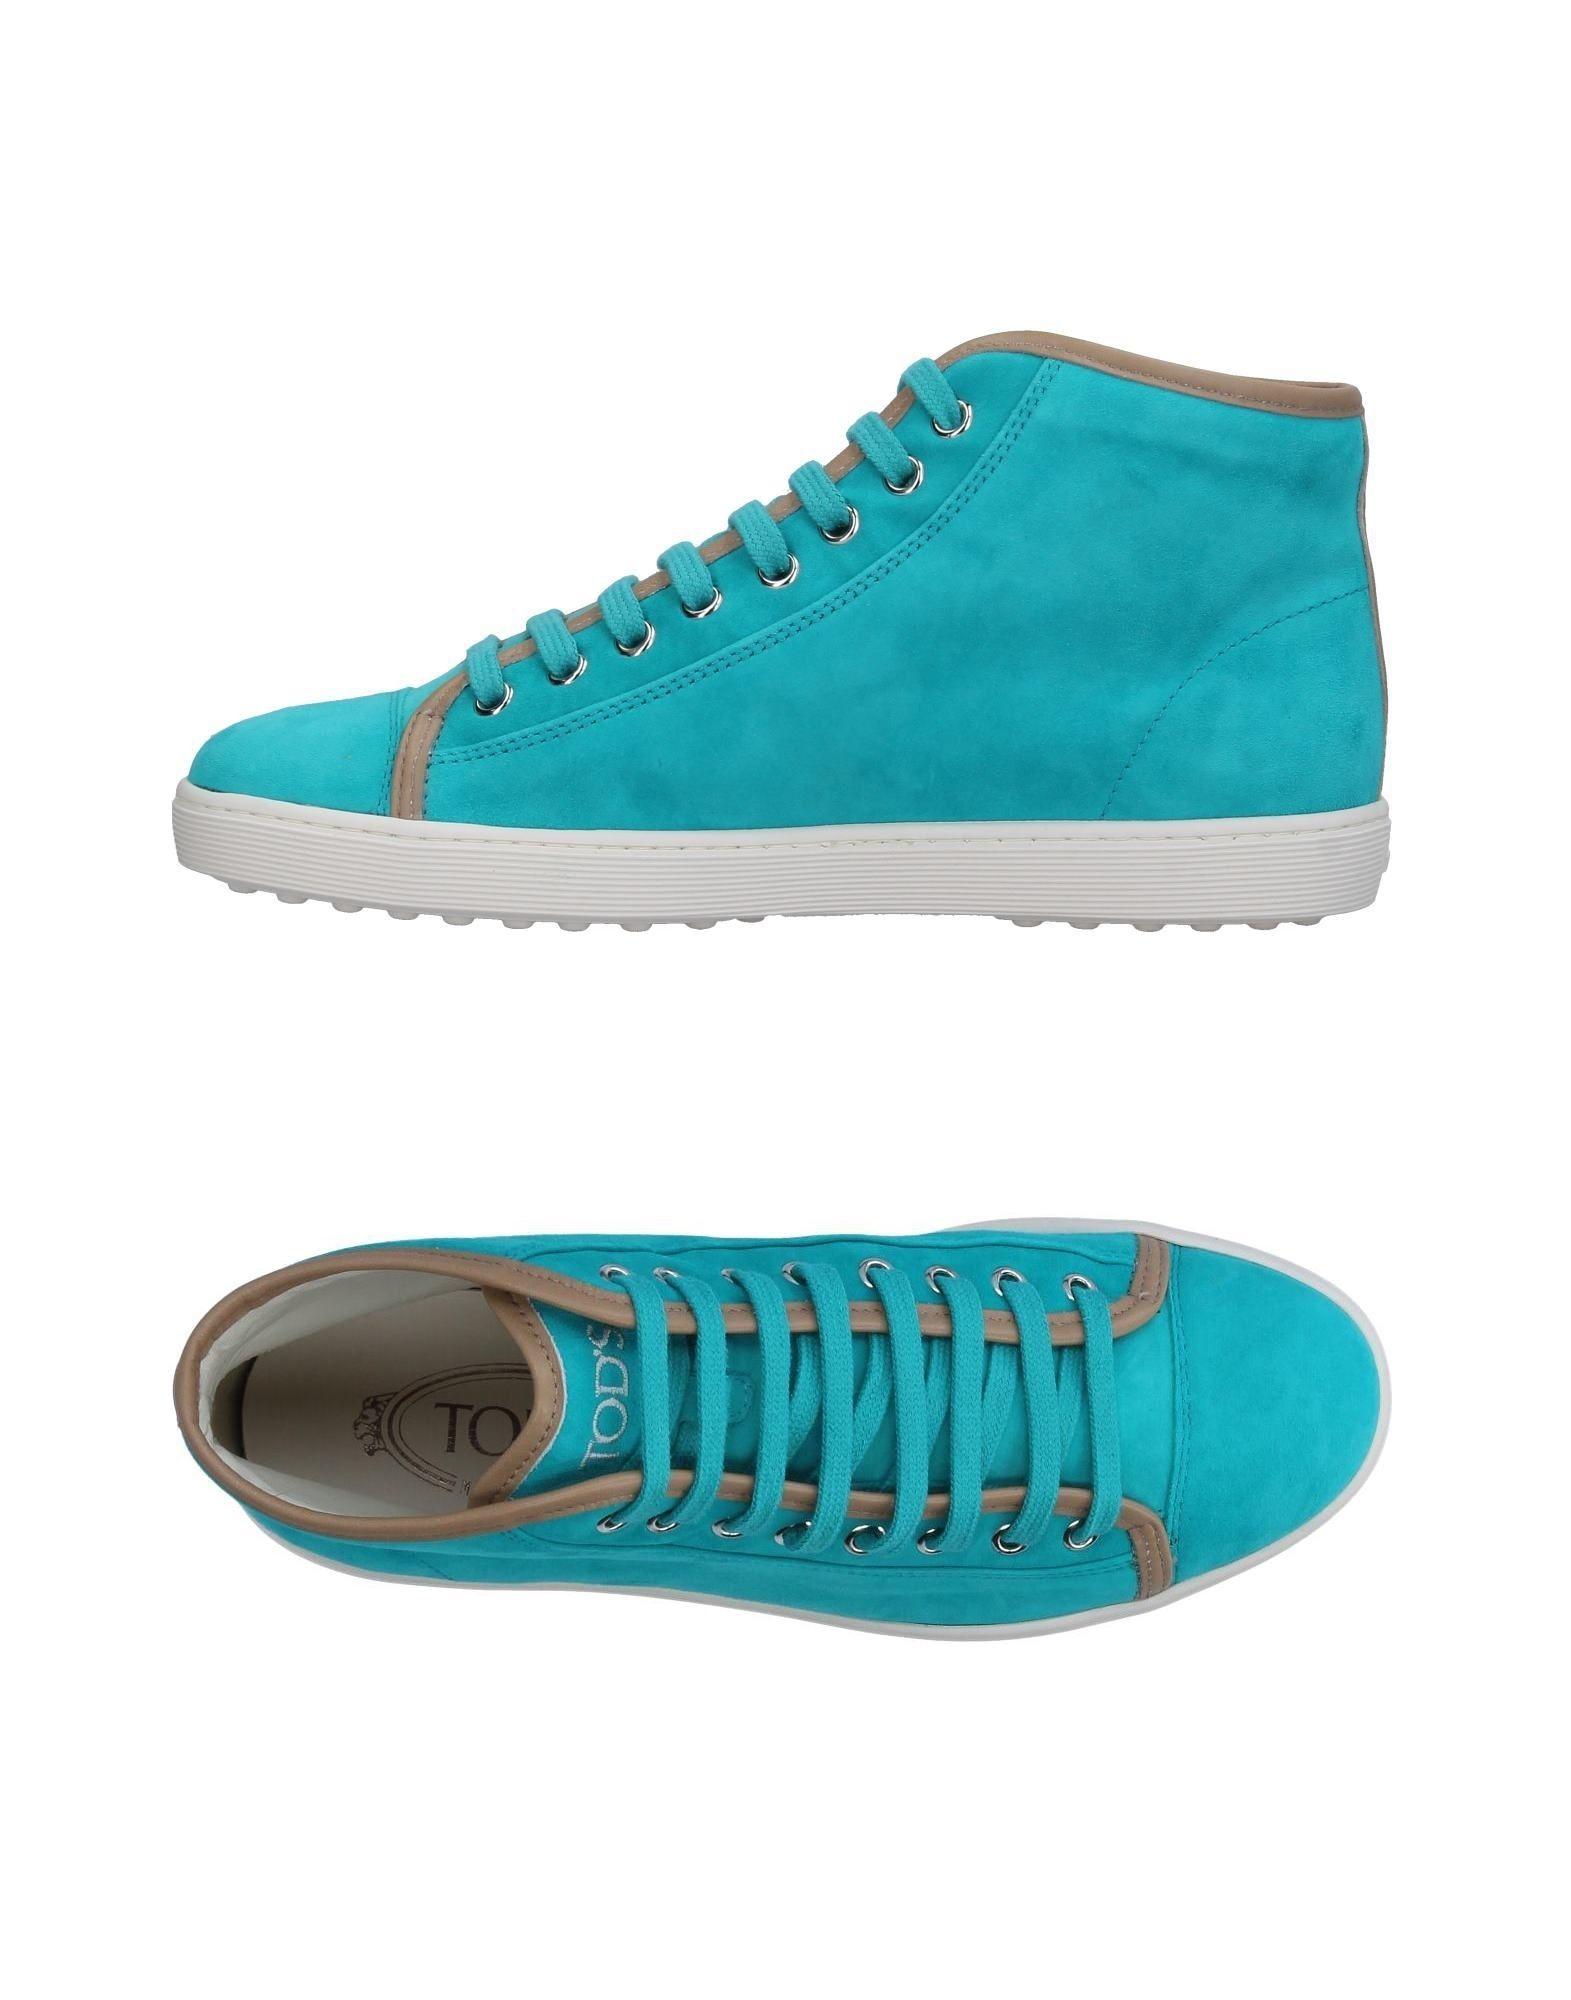 Tod's Sneakers Damen  11336973CB Gute Qualität beliebte Schuhe